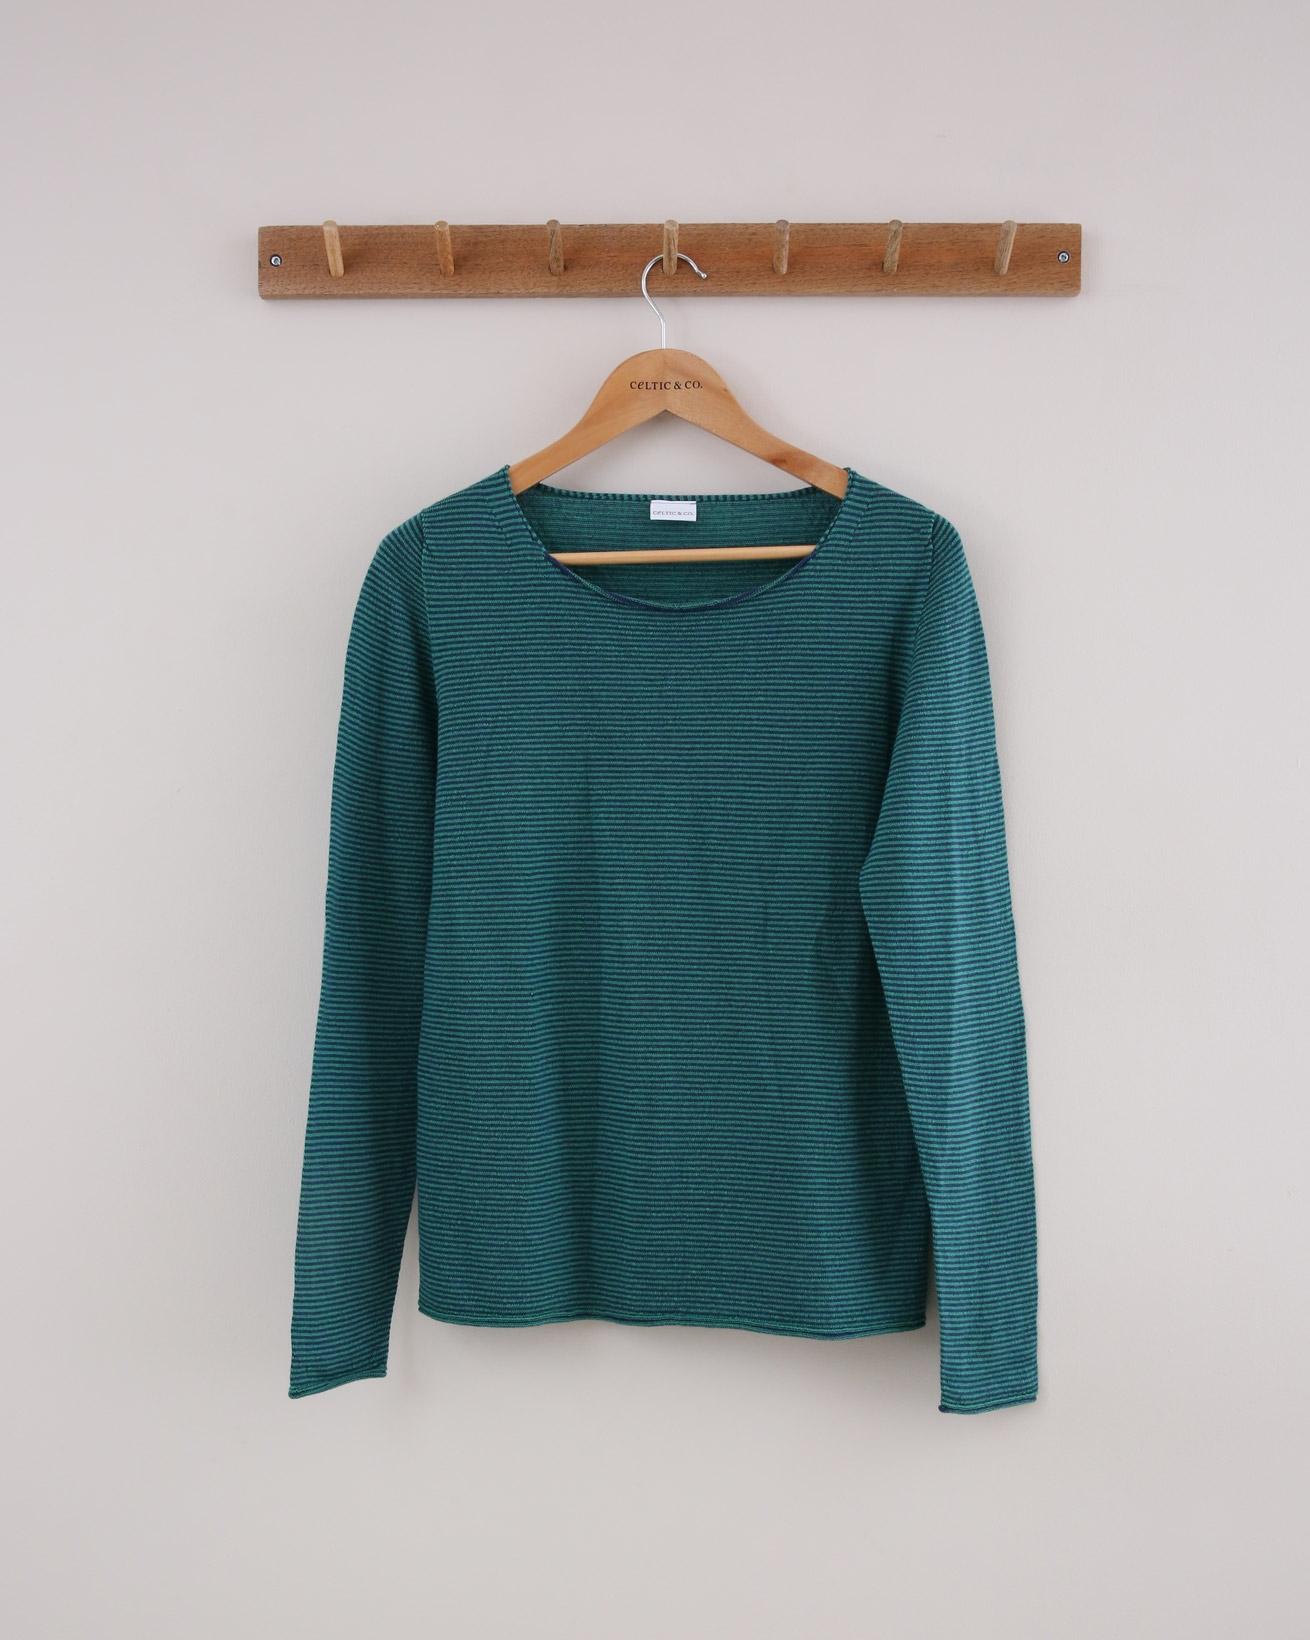 Fine Knit Merino Crew Jumper - Small - Green Stripe - 1397